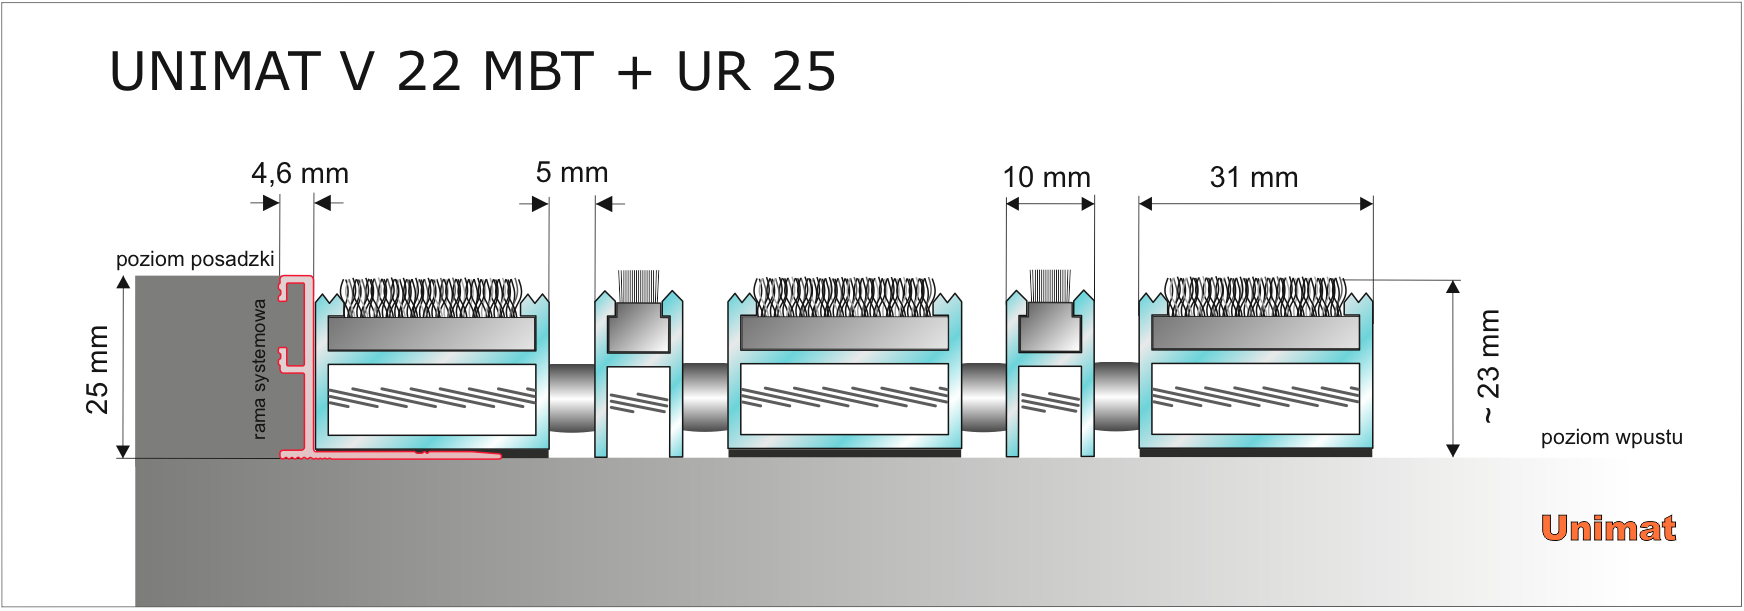 Unimat V 22 MBT + UR25.png